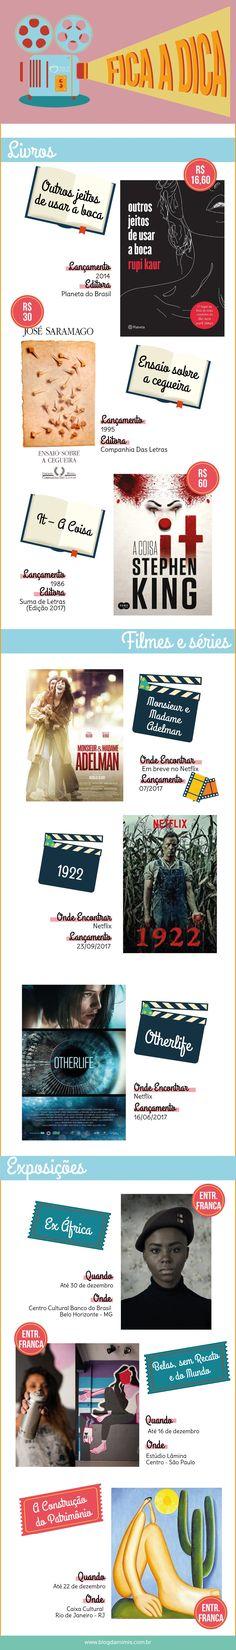 Fica a Dica novembro: lançamentos de livros, filmes e exposições - Blog da Mimis #blogdamimis #livros #filmes #cinema #netflix #exposição